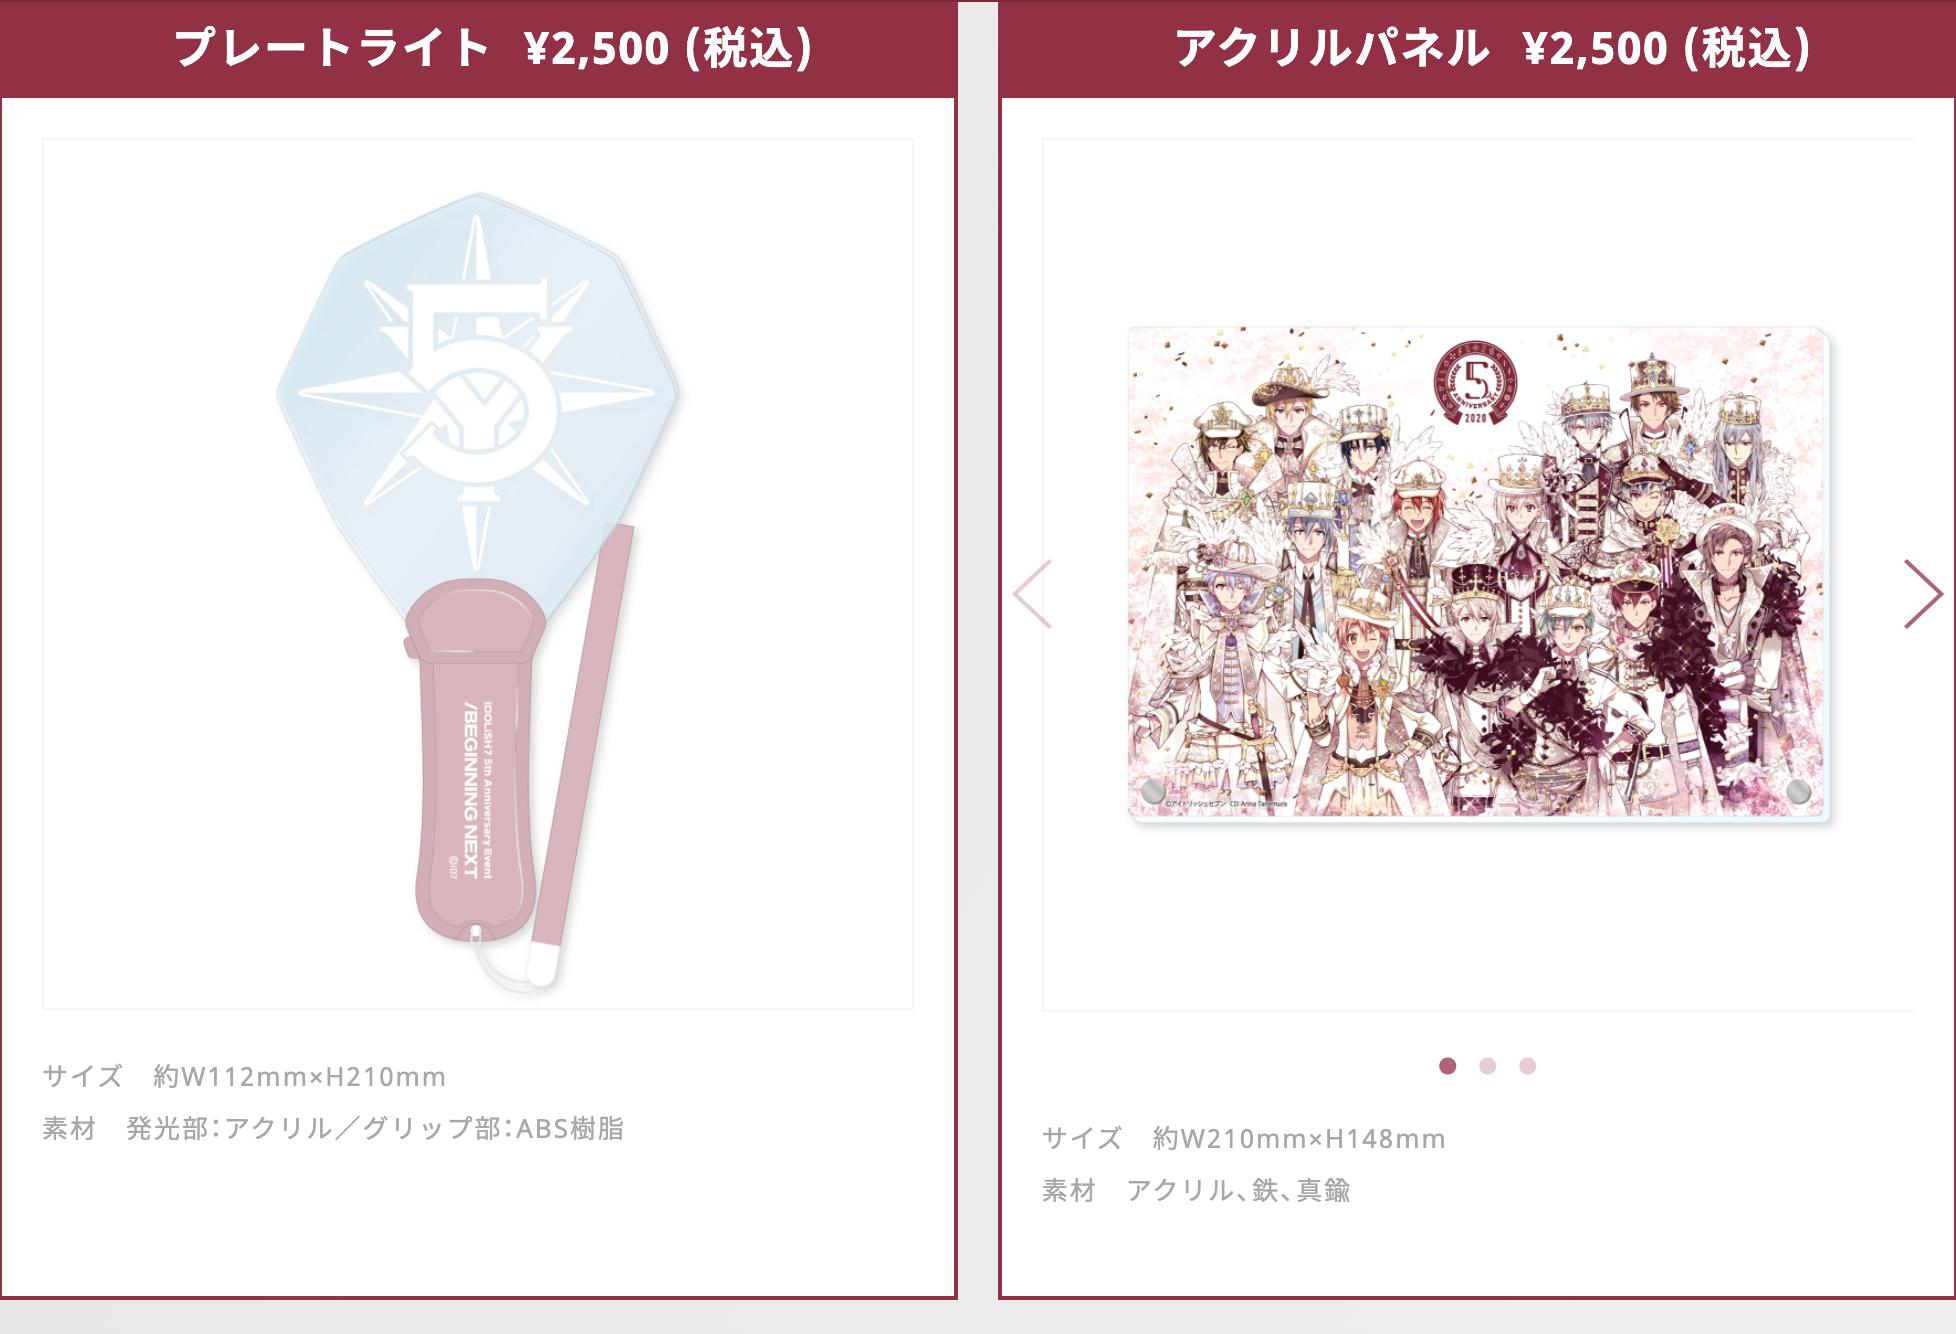 「アイドリッシュセブン 5th Anniversary Event グッズ」プレートライト/アクリルパネル